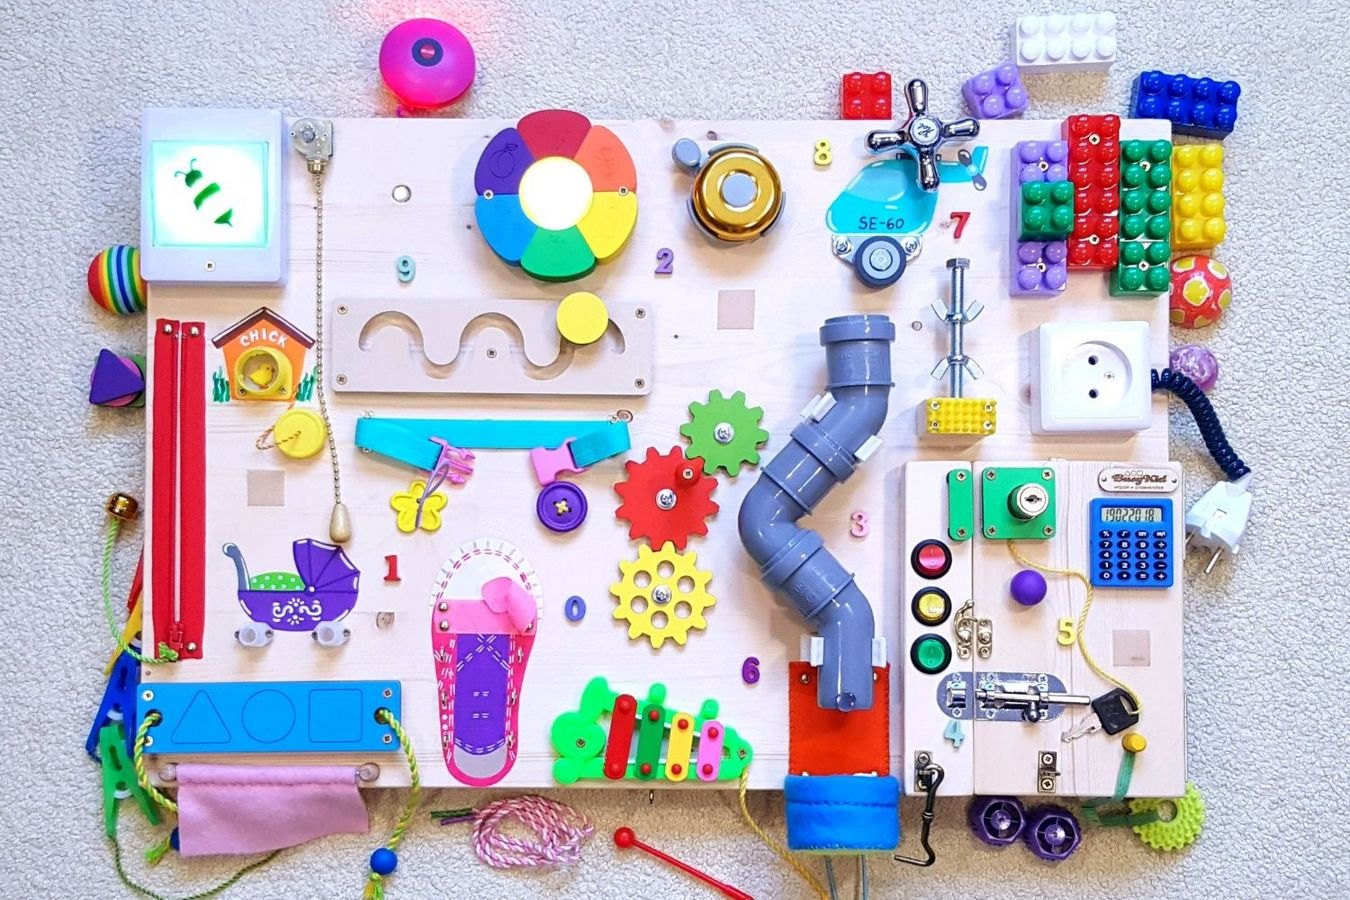 Бизиборд своими руками - 67 фото идей развивающих досок для мальчиков и девочек